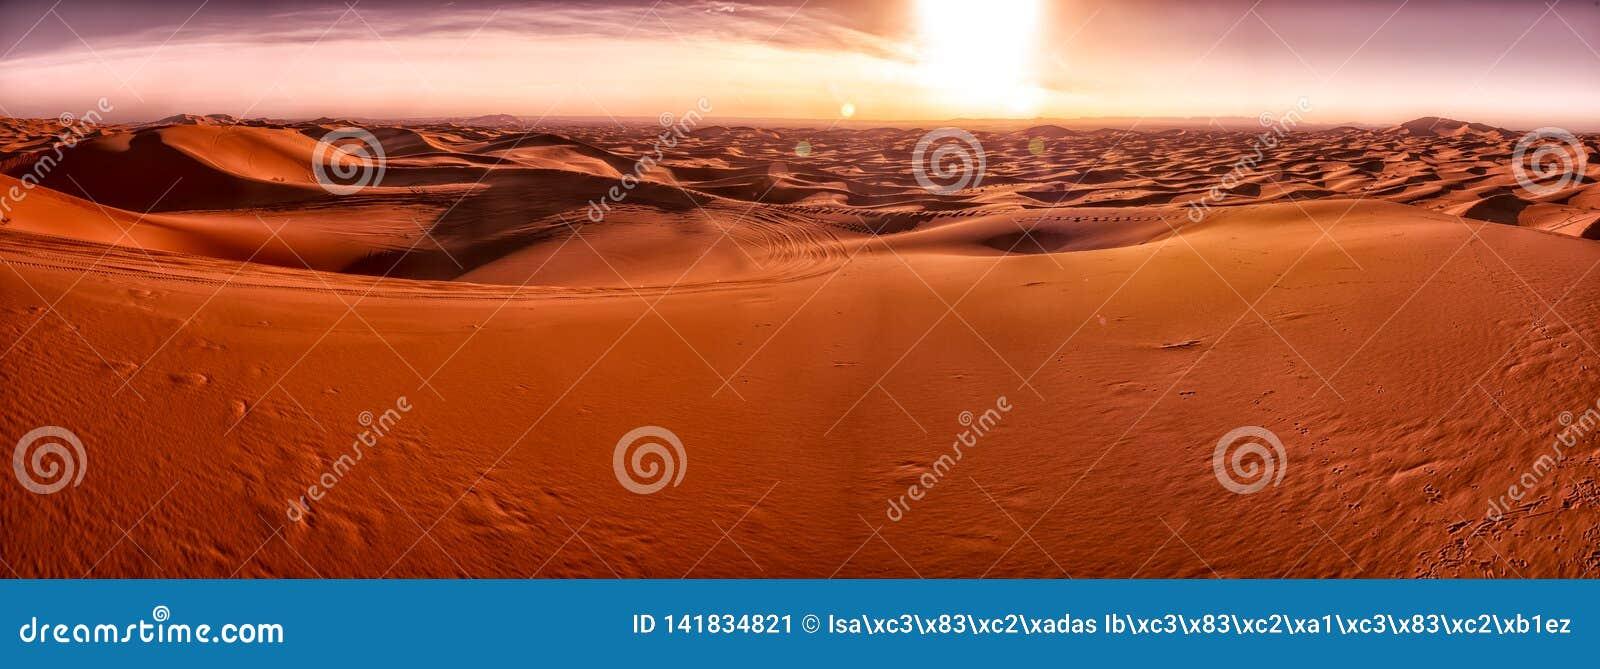 Dünen von Merzouga Wüste des Saharas marokko